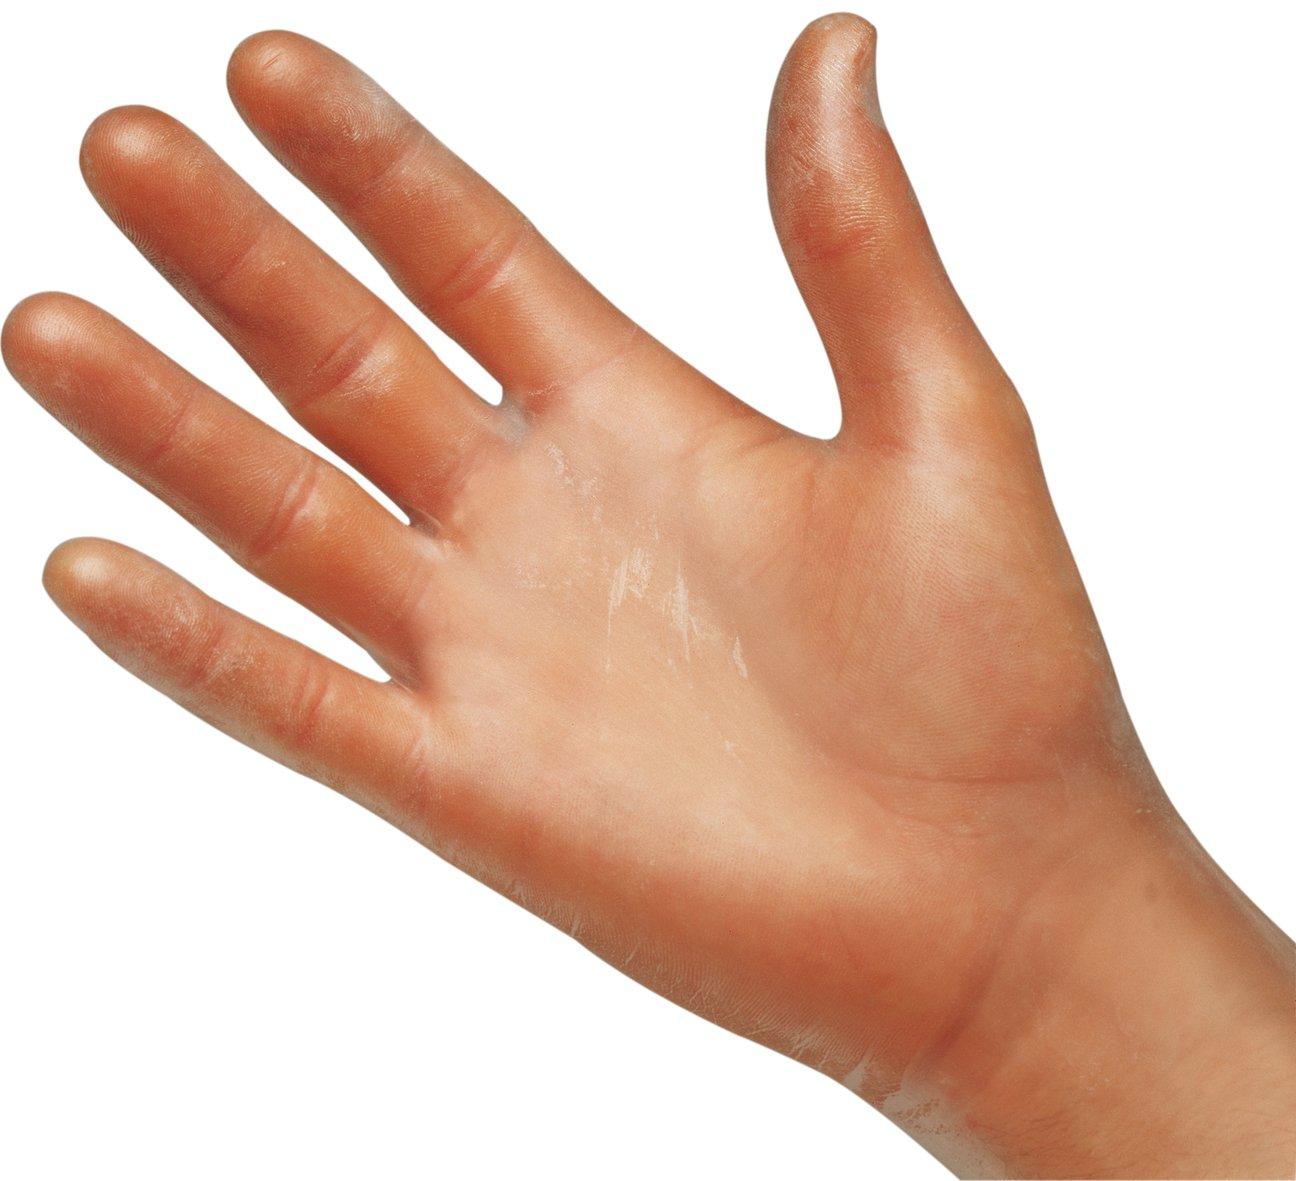 Gants Ambidextres Sensinyl Free Tr/ès R/ésistants Sans latex et non poudr/és Faciles /à Enfiler Taille M Tr/ès Bonne Tol/érance LCH Sensibilit/é Tactile